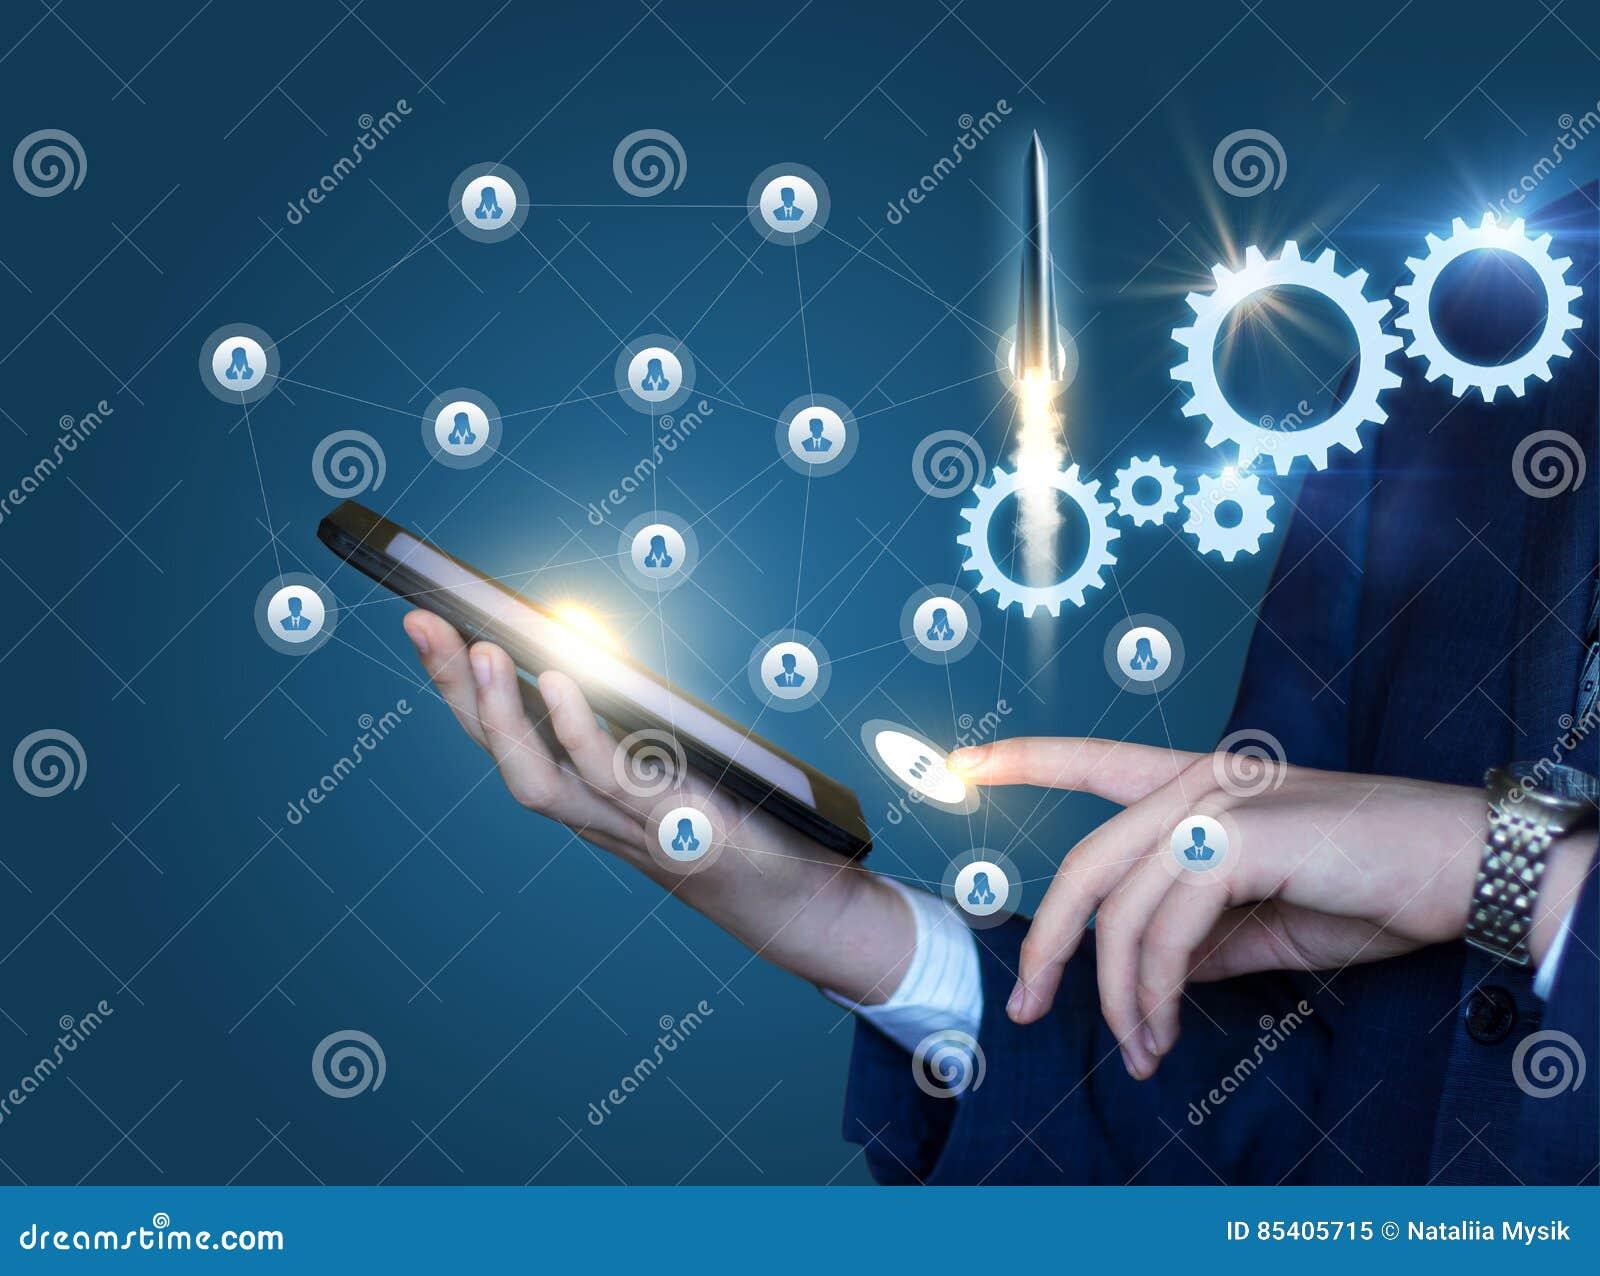 Arranque de tecnologías innovadoras en negocio